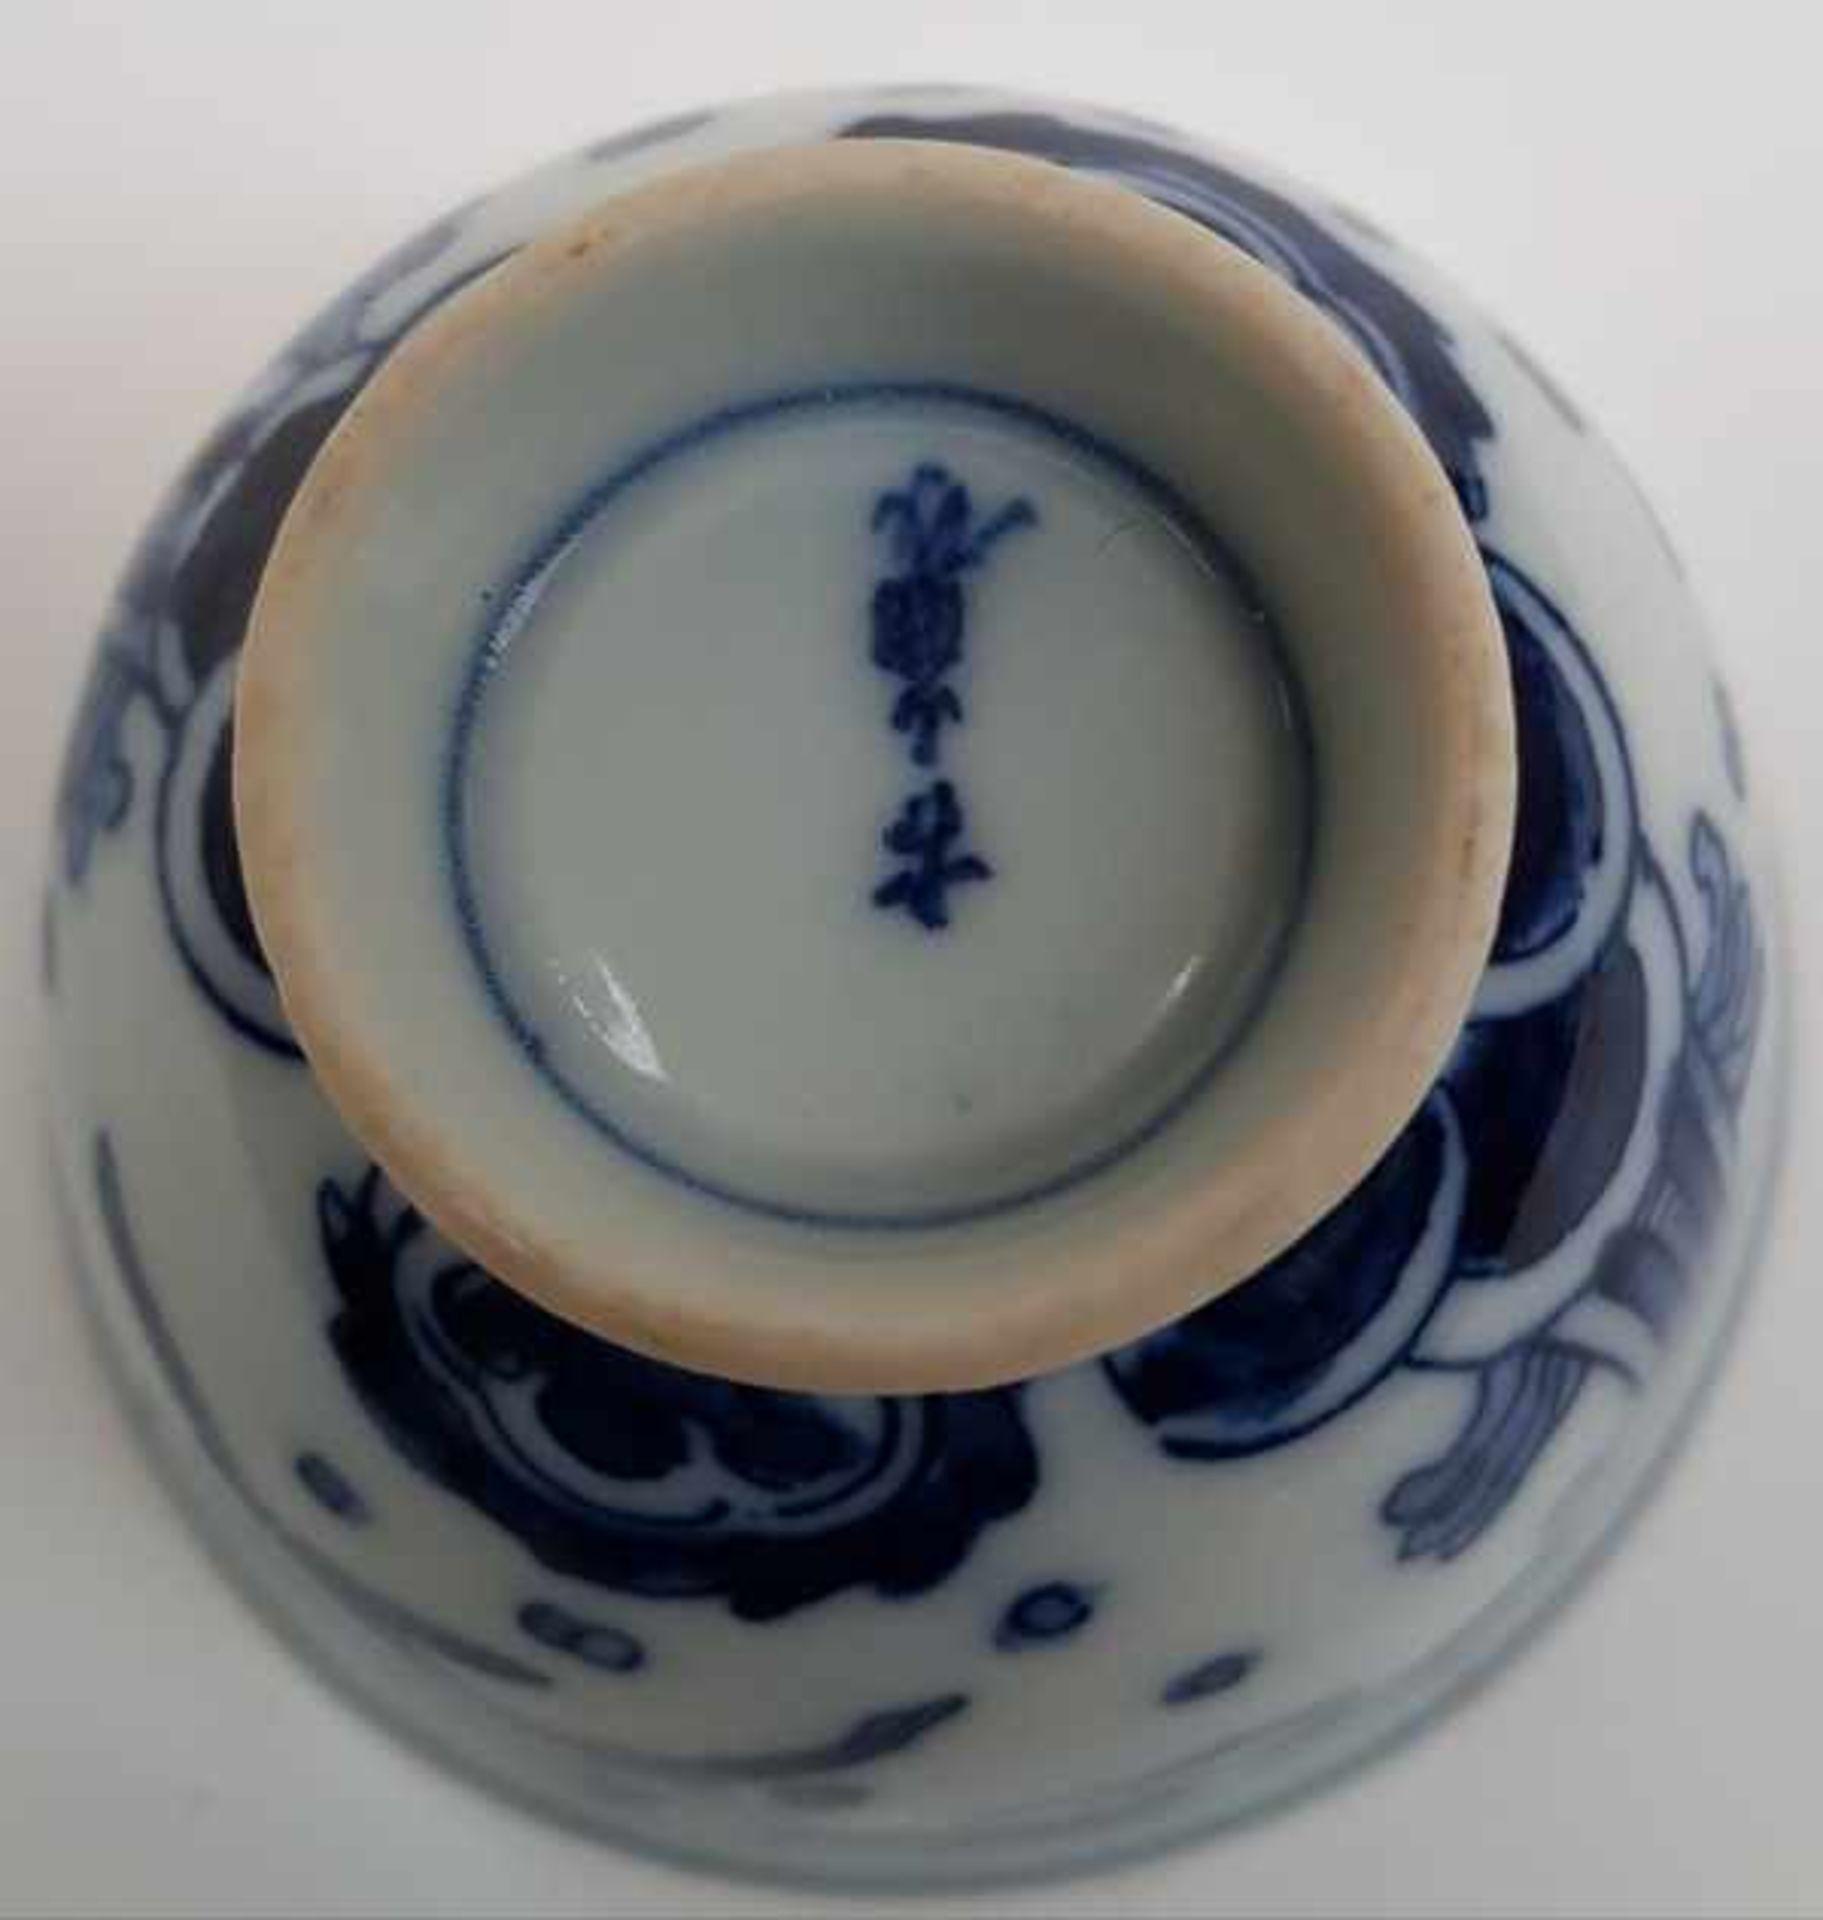 (Aziatica) Porseleinen kop en schotels, Japan, begin 20e eeuw - Bild 3 aus 5